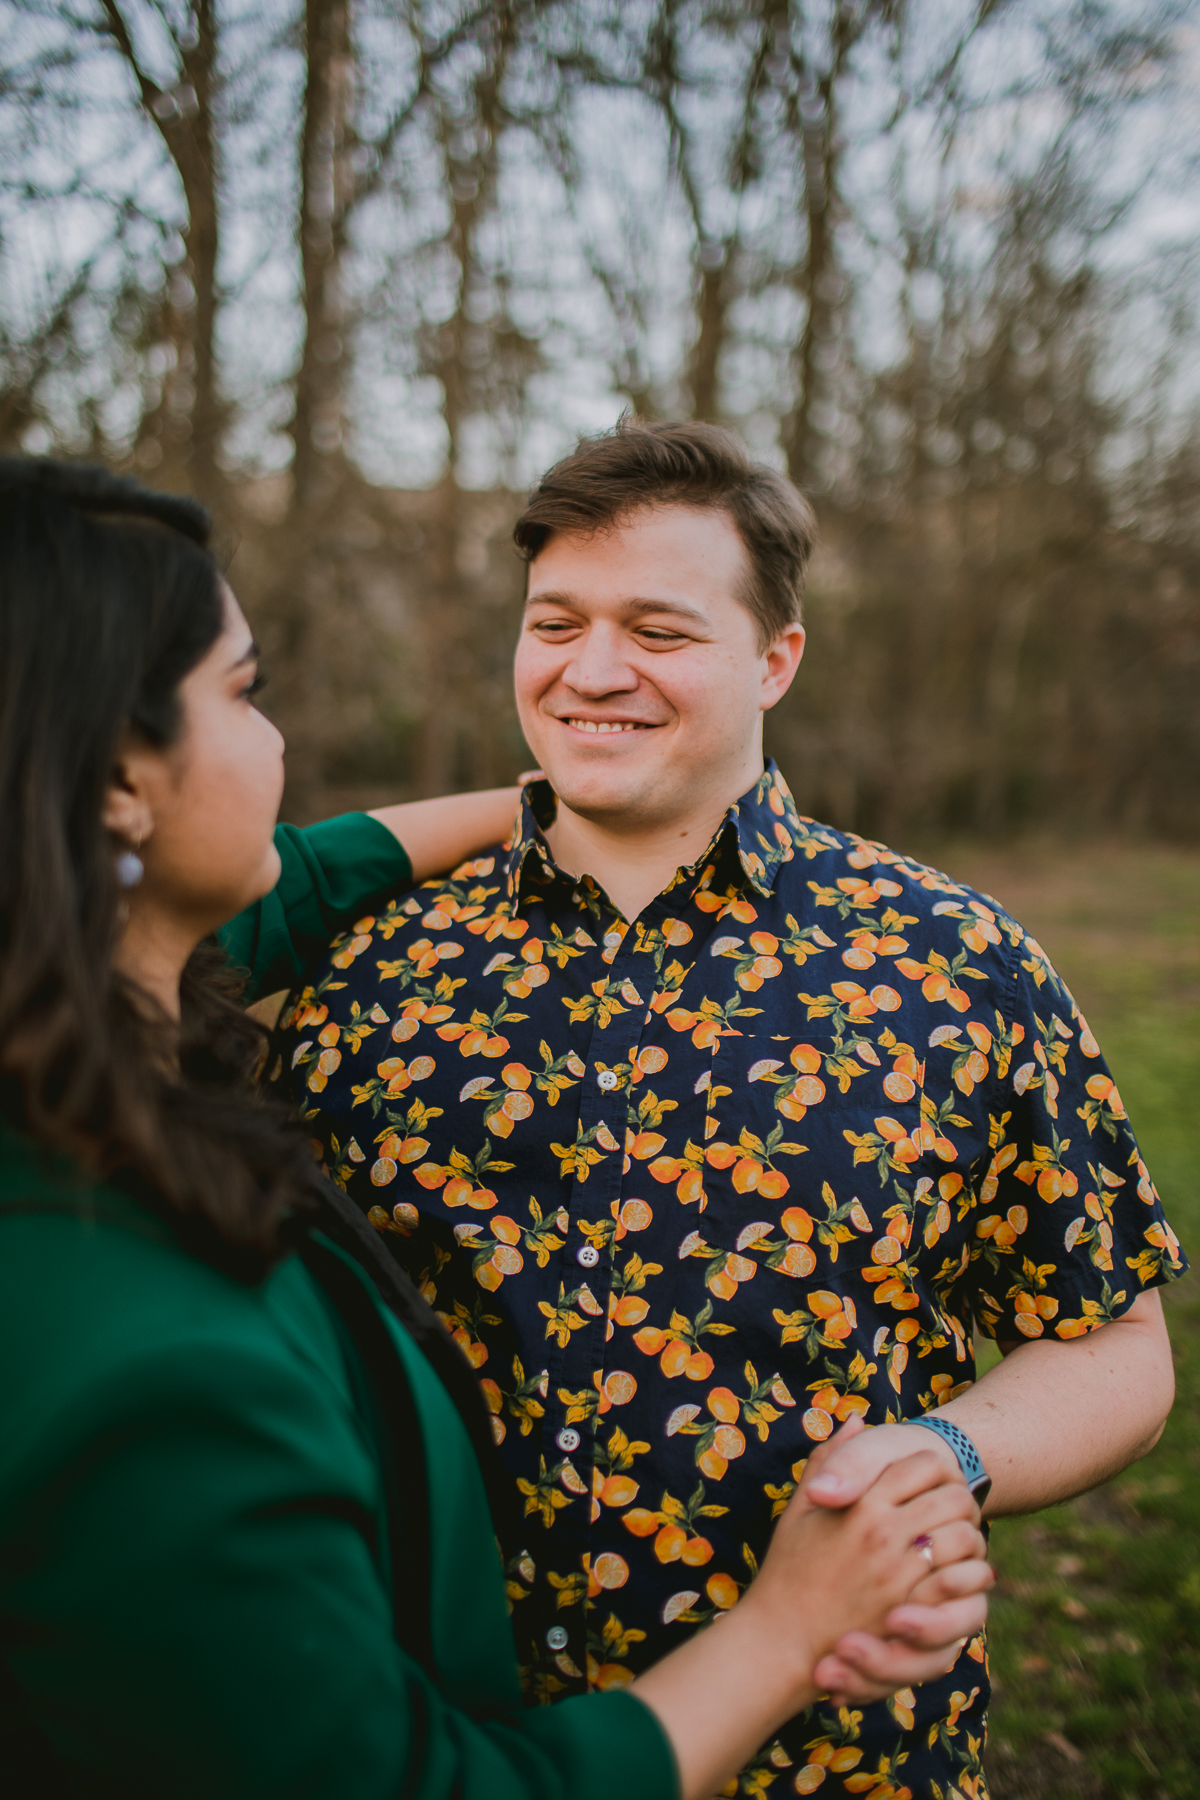 atlanta-beltline-american-indian-engagement-kelley-raye-los-angeles-wedding-photographer-68.jpg